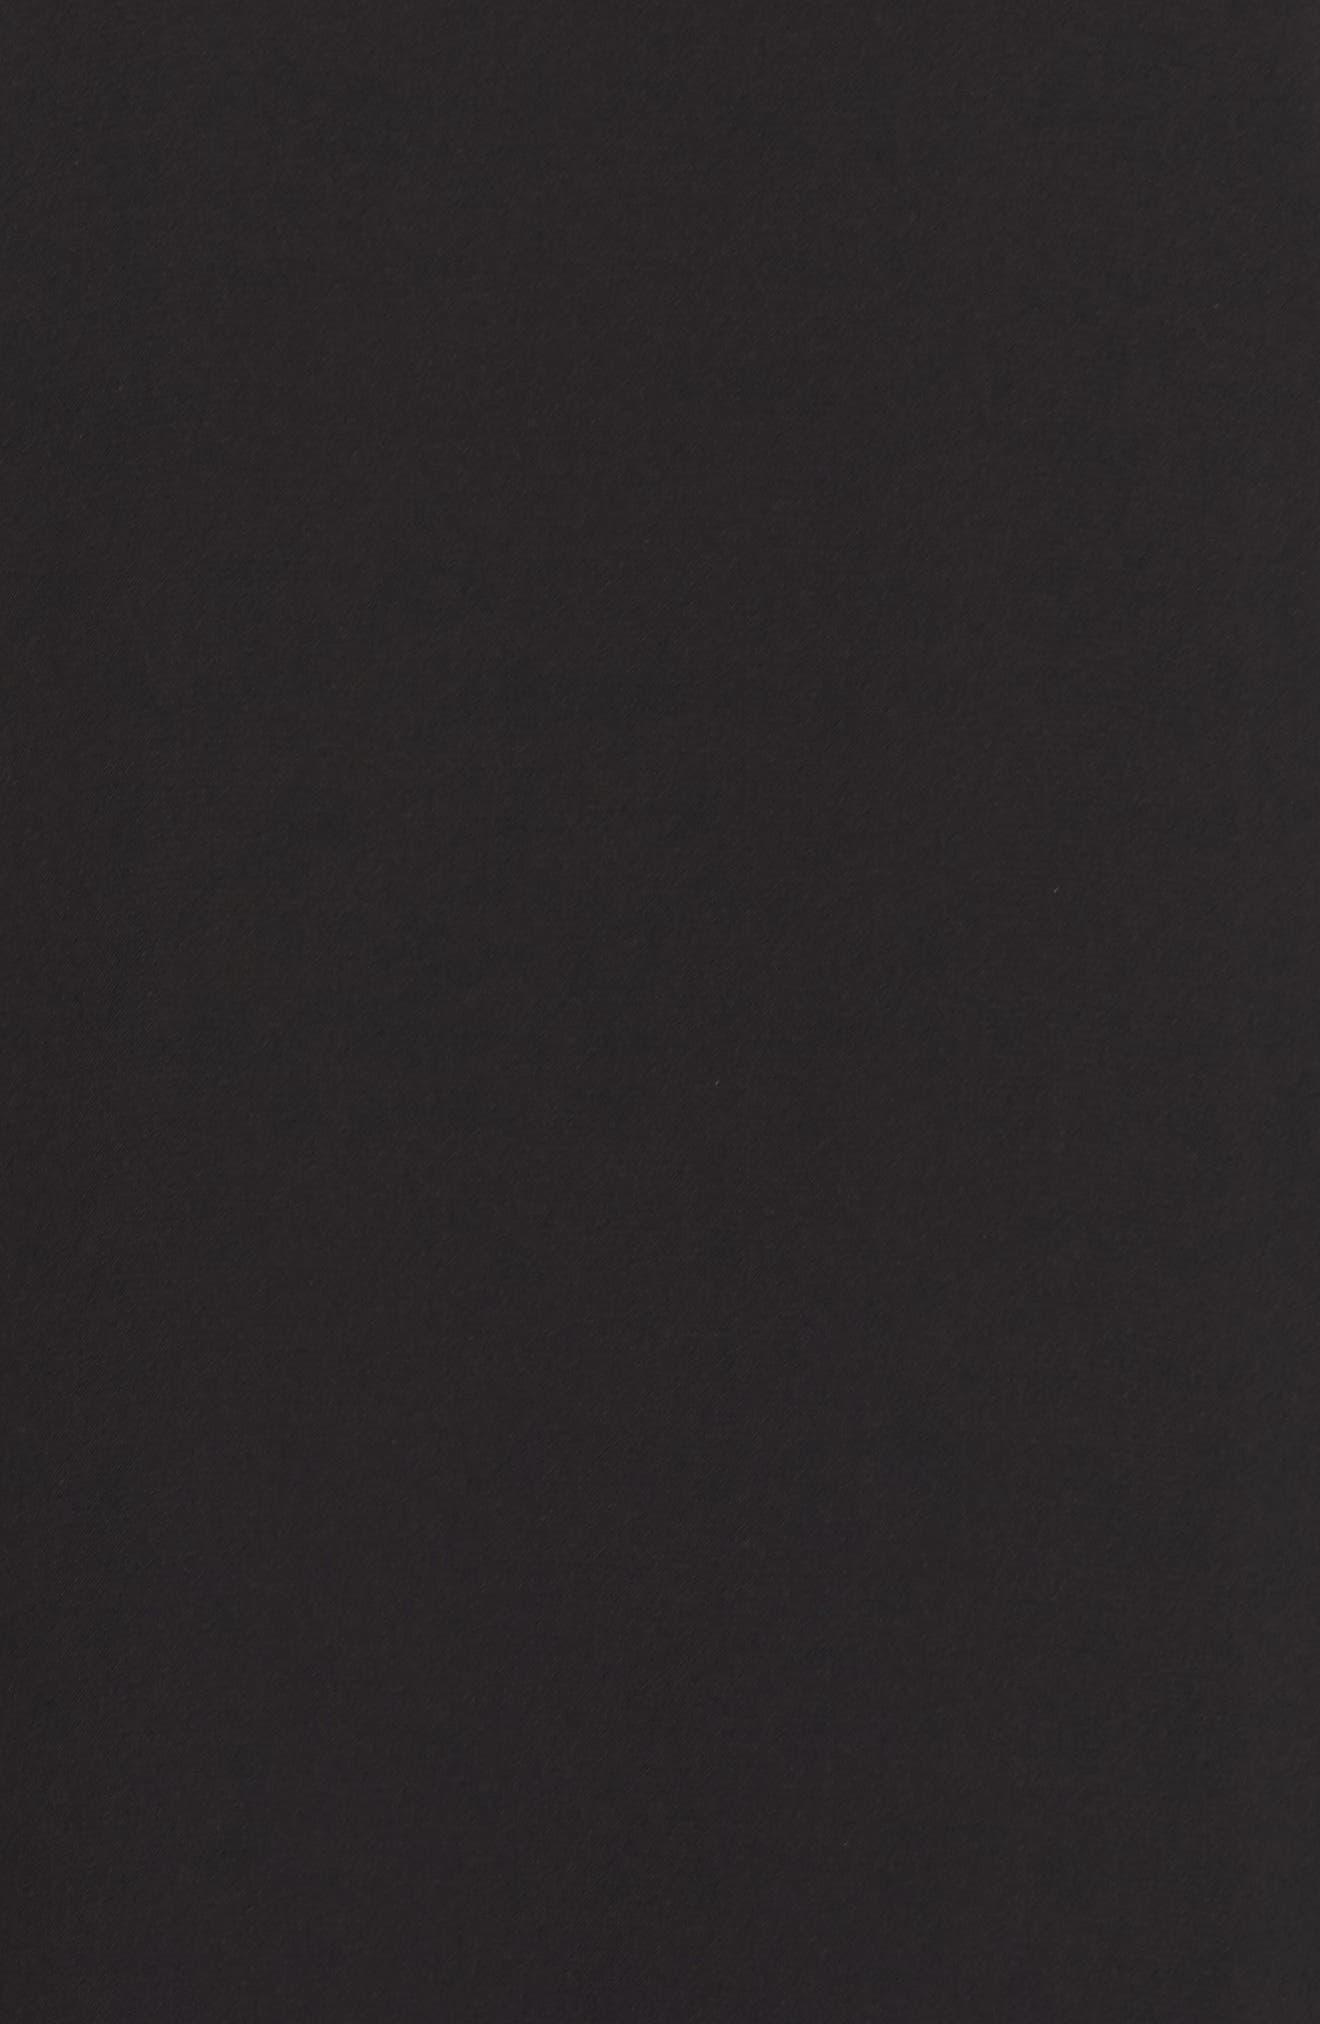 Suki Lace Sleeve Shift Dress,                             Alternate thumbnail 5, color,                             Black